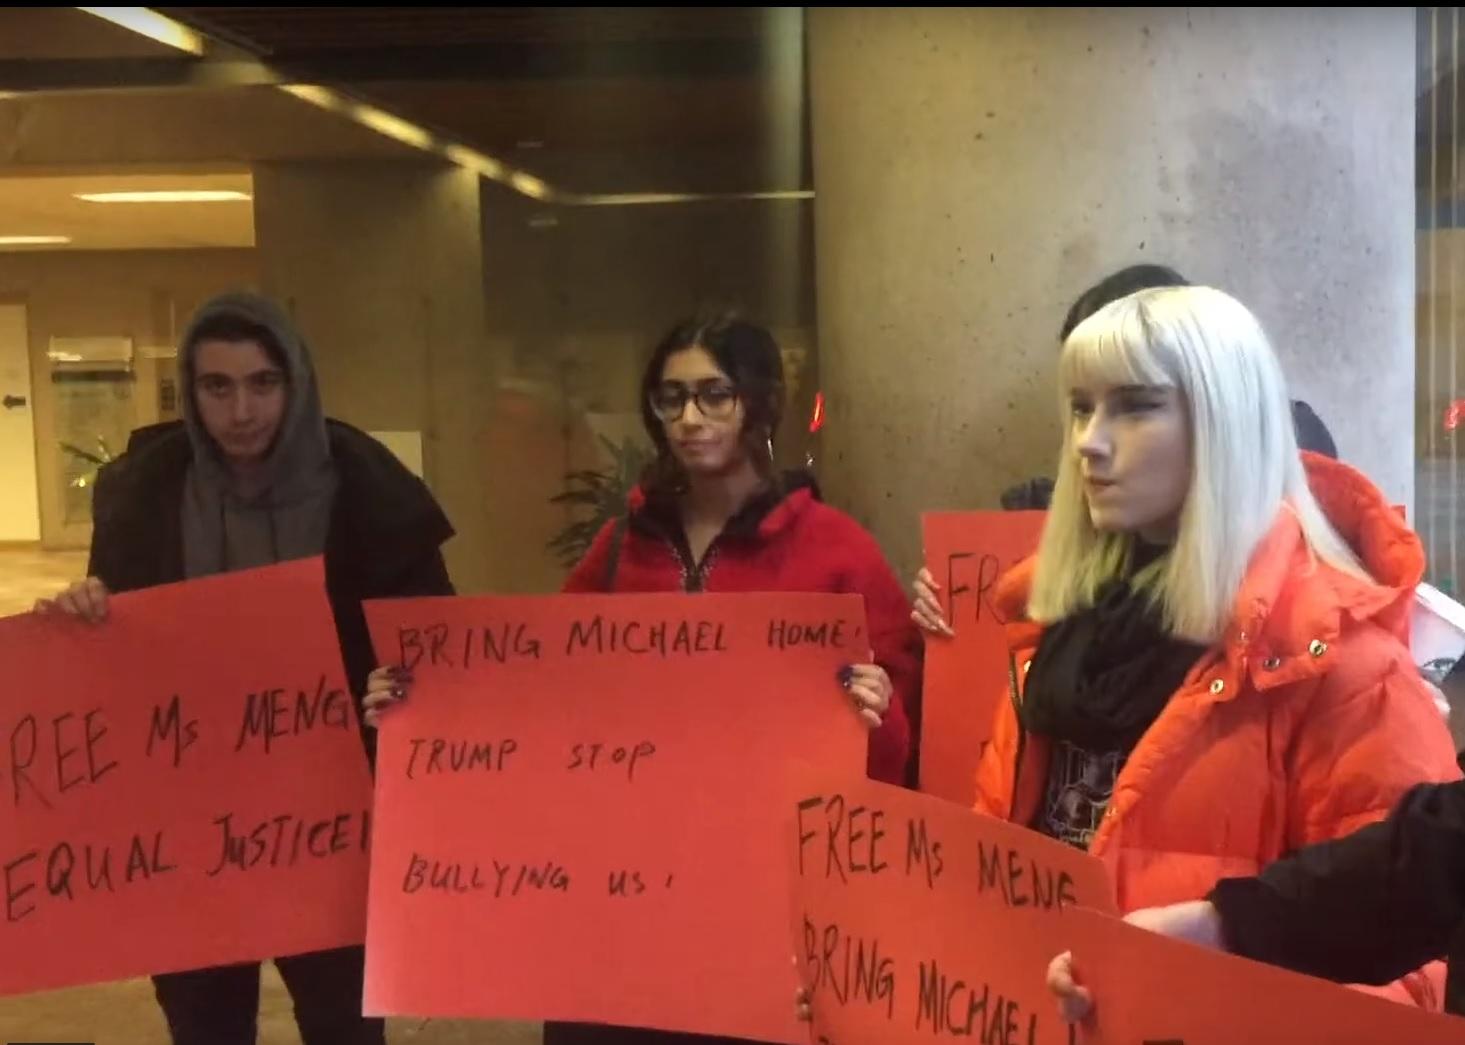 有媒體曝光,1月20日,兩名華人女子以2小時100至150元的酬金支付一群不明原由的西人年輕人,讓他們在法庭外抗議孟晚舟引渡案。(影片截圖)